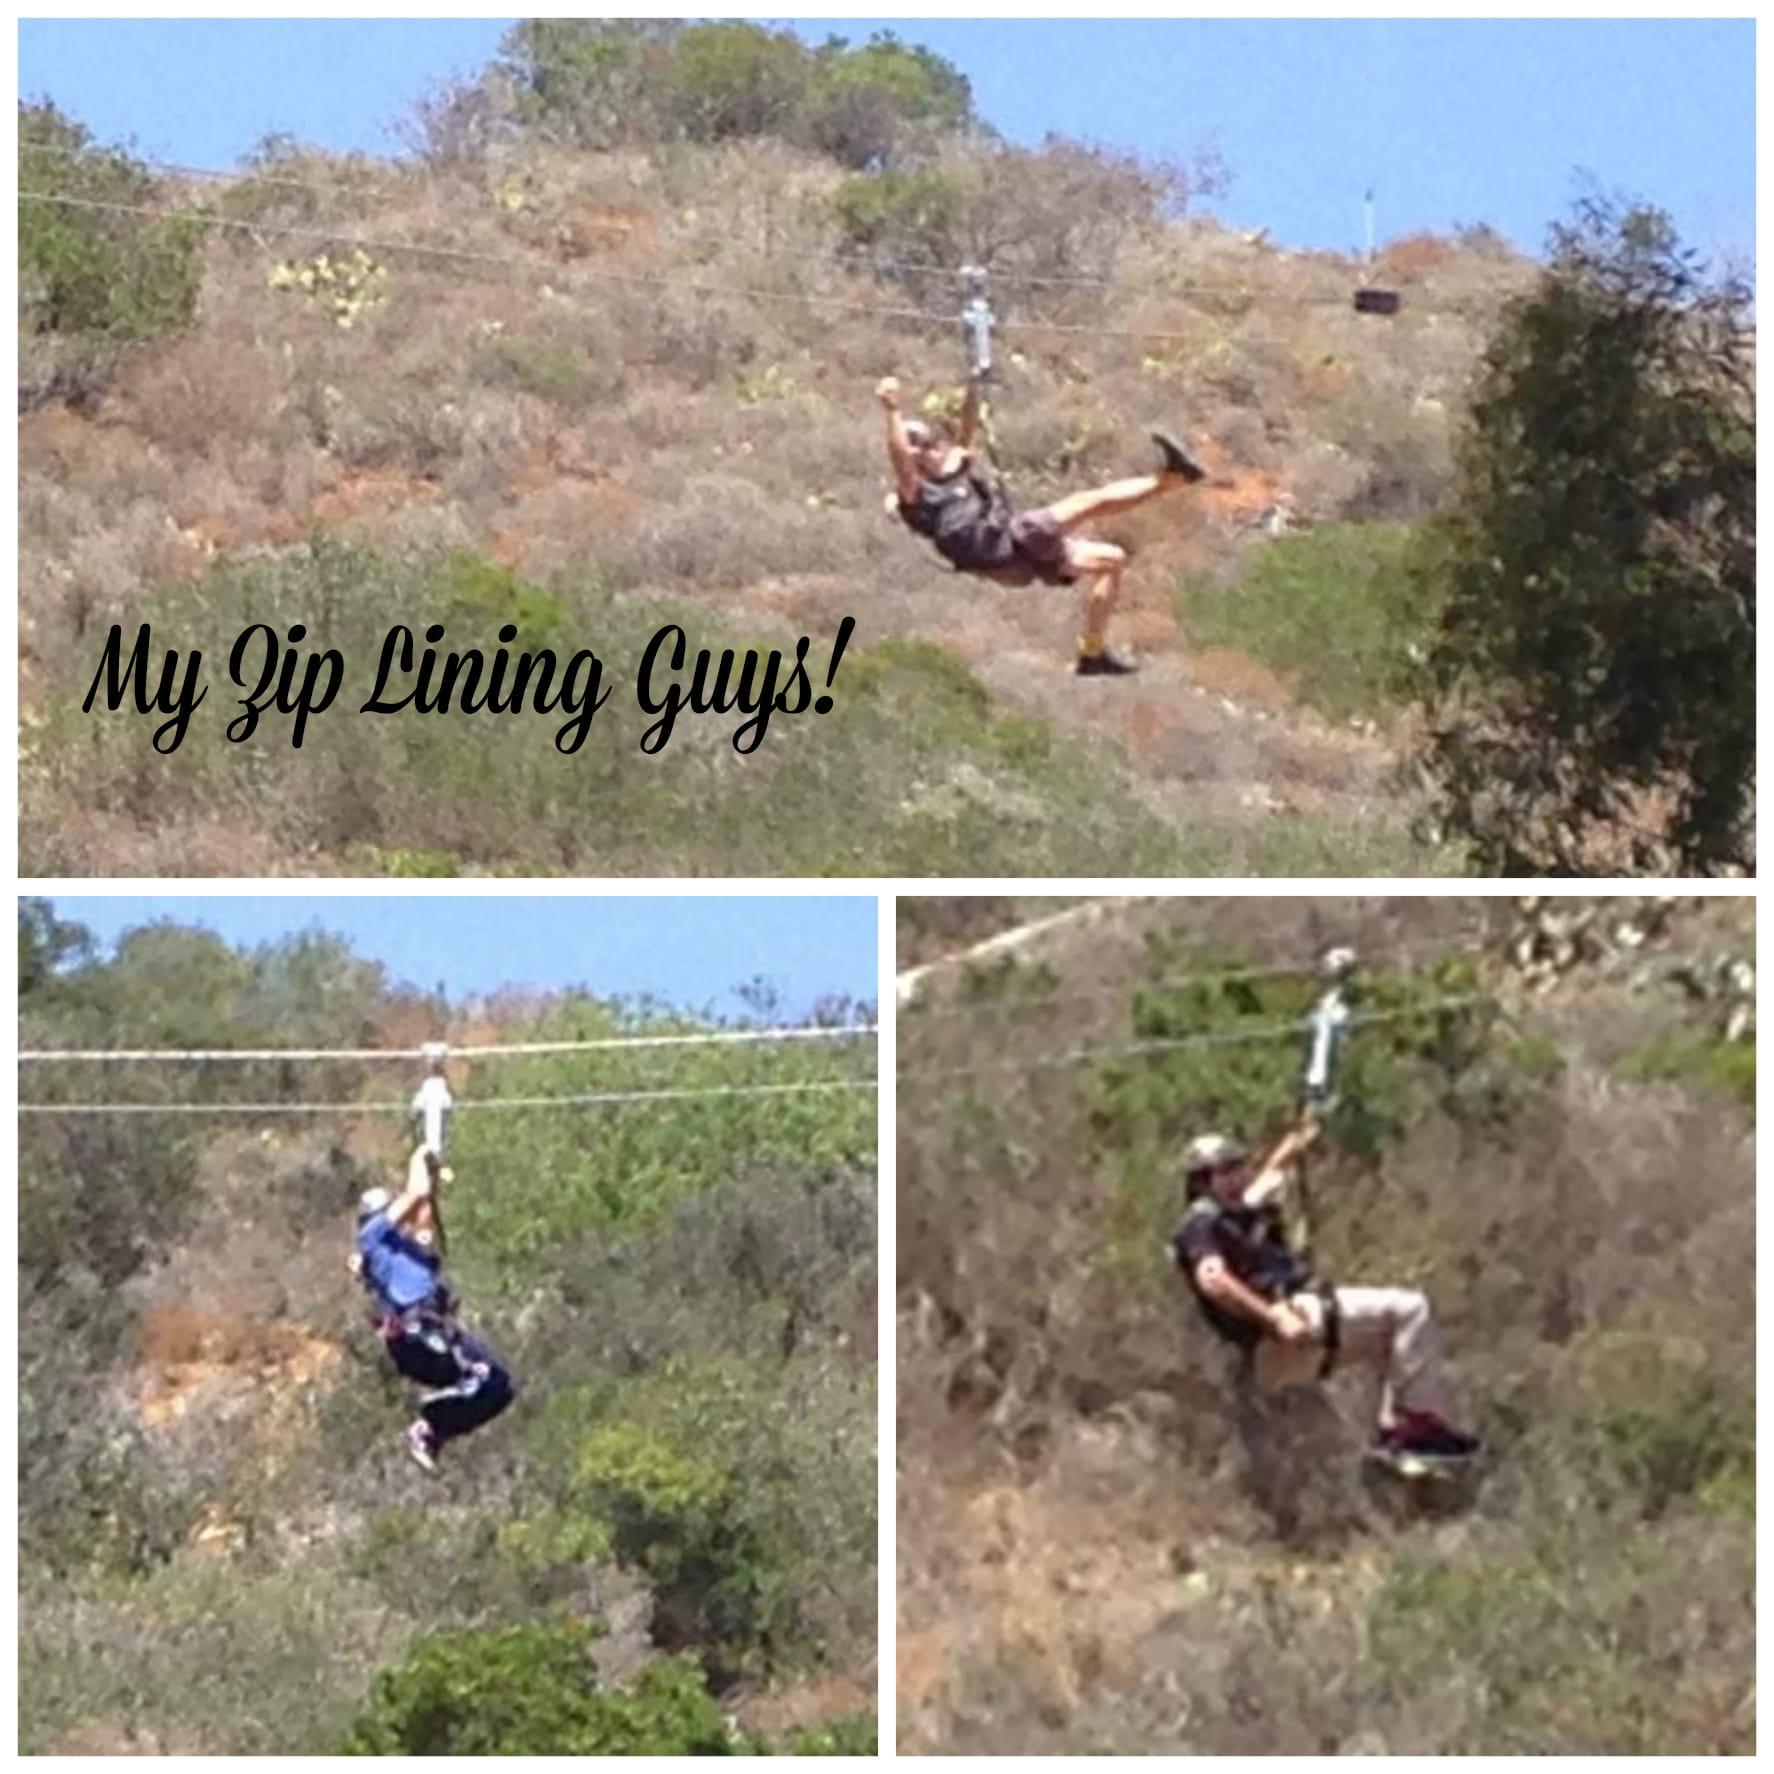 My Zip Lining guys on Catalina